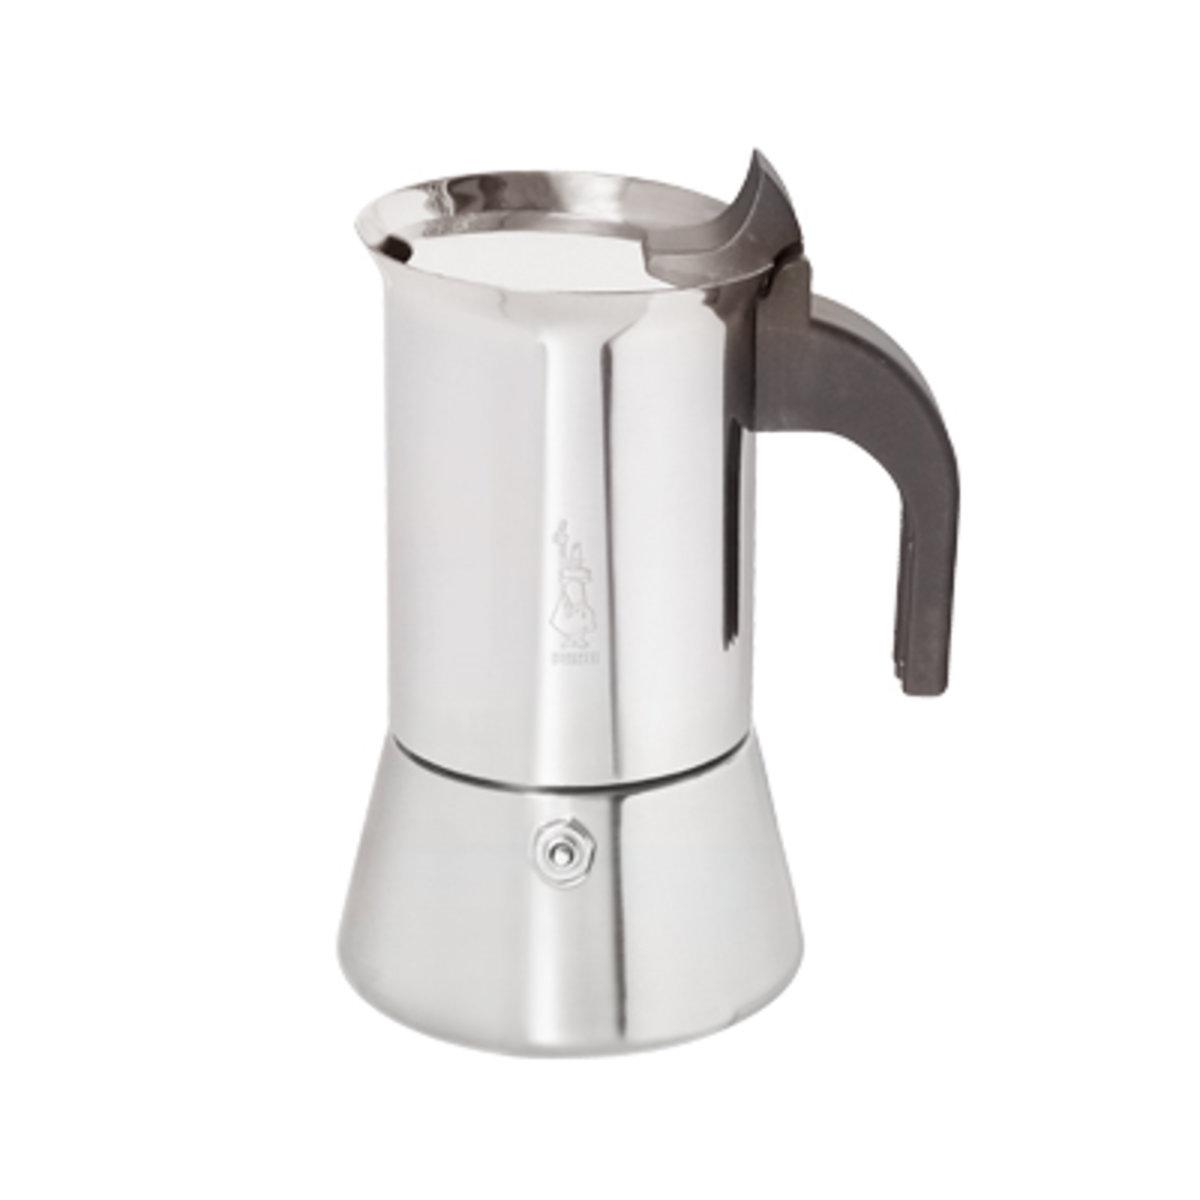 4杯裝不銹鋼咖啡壺